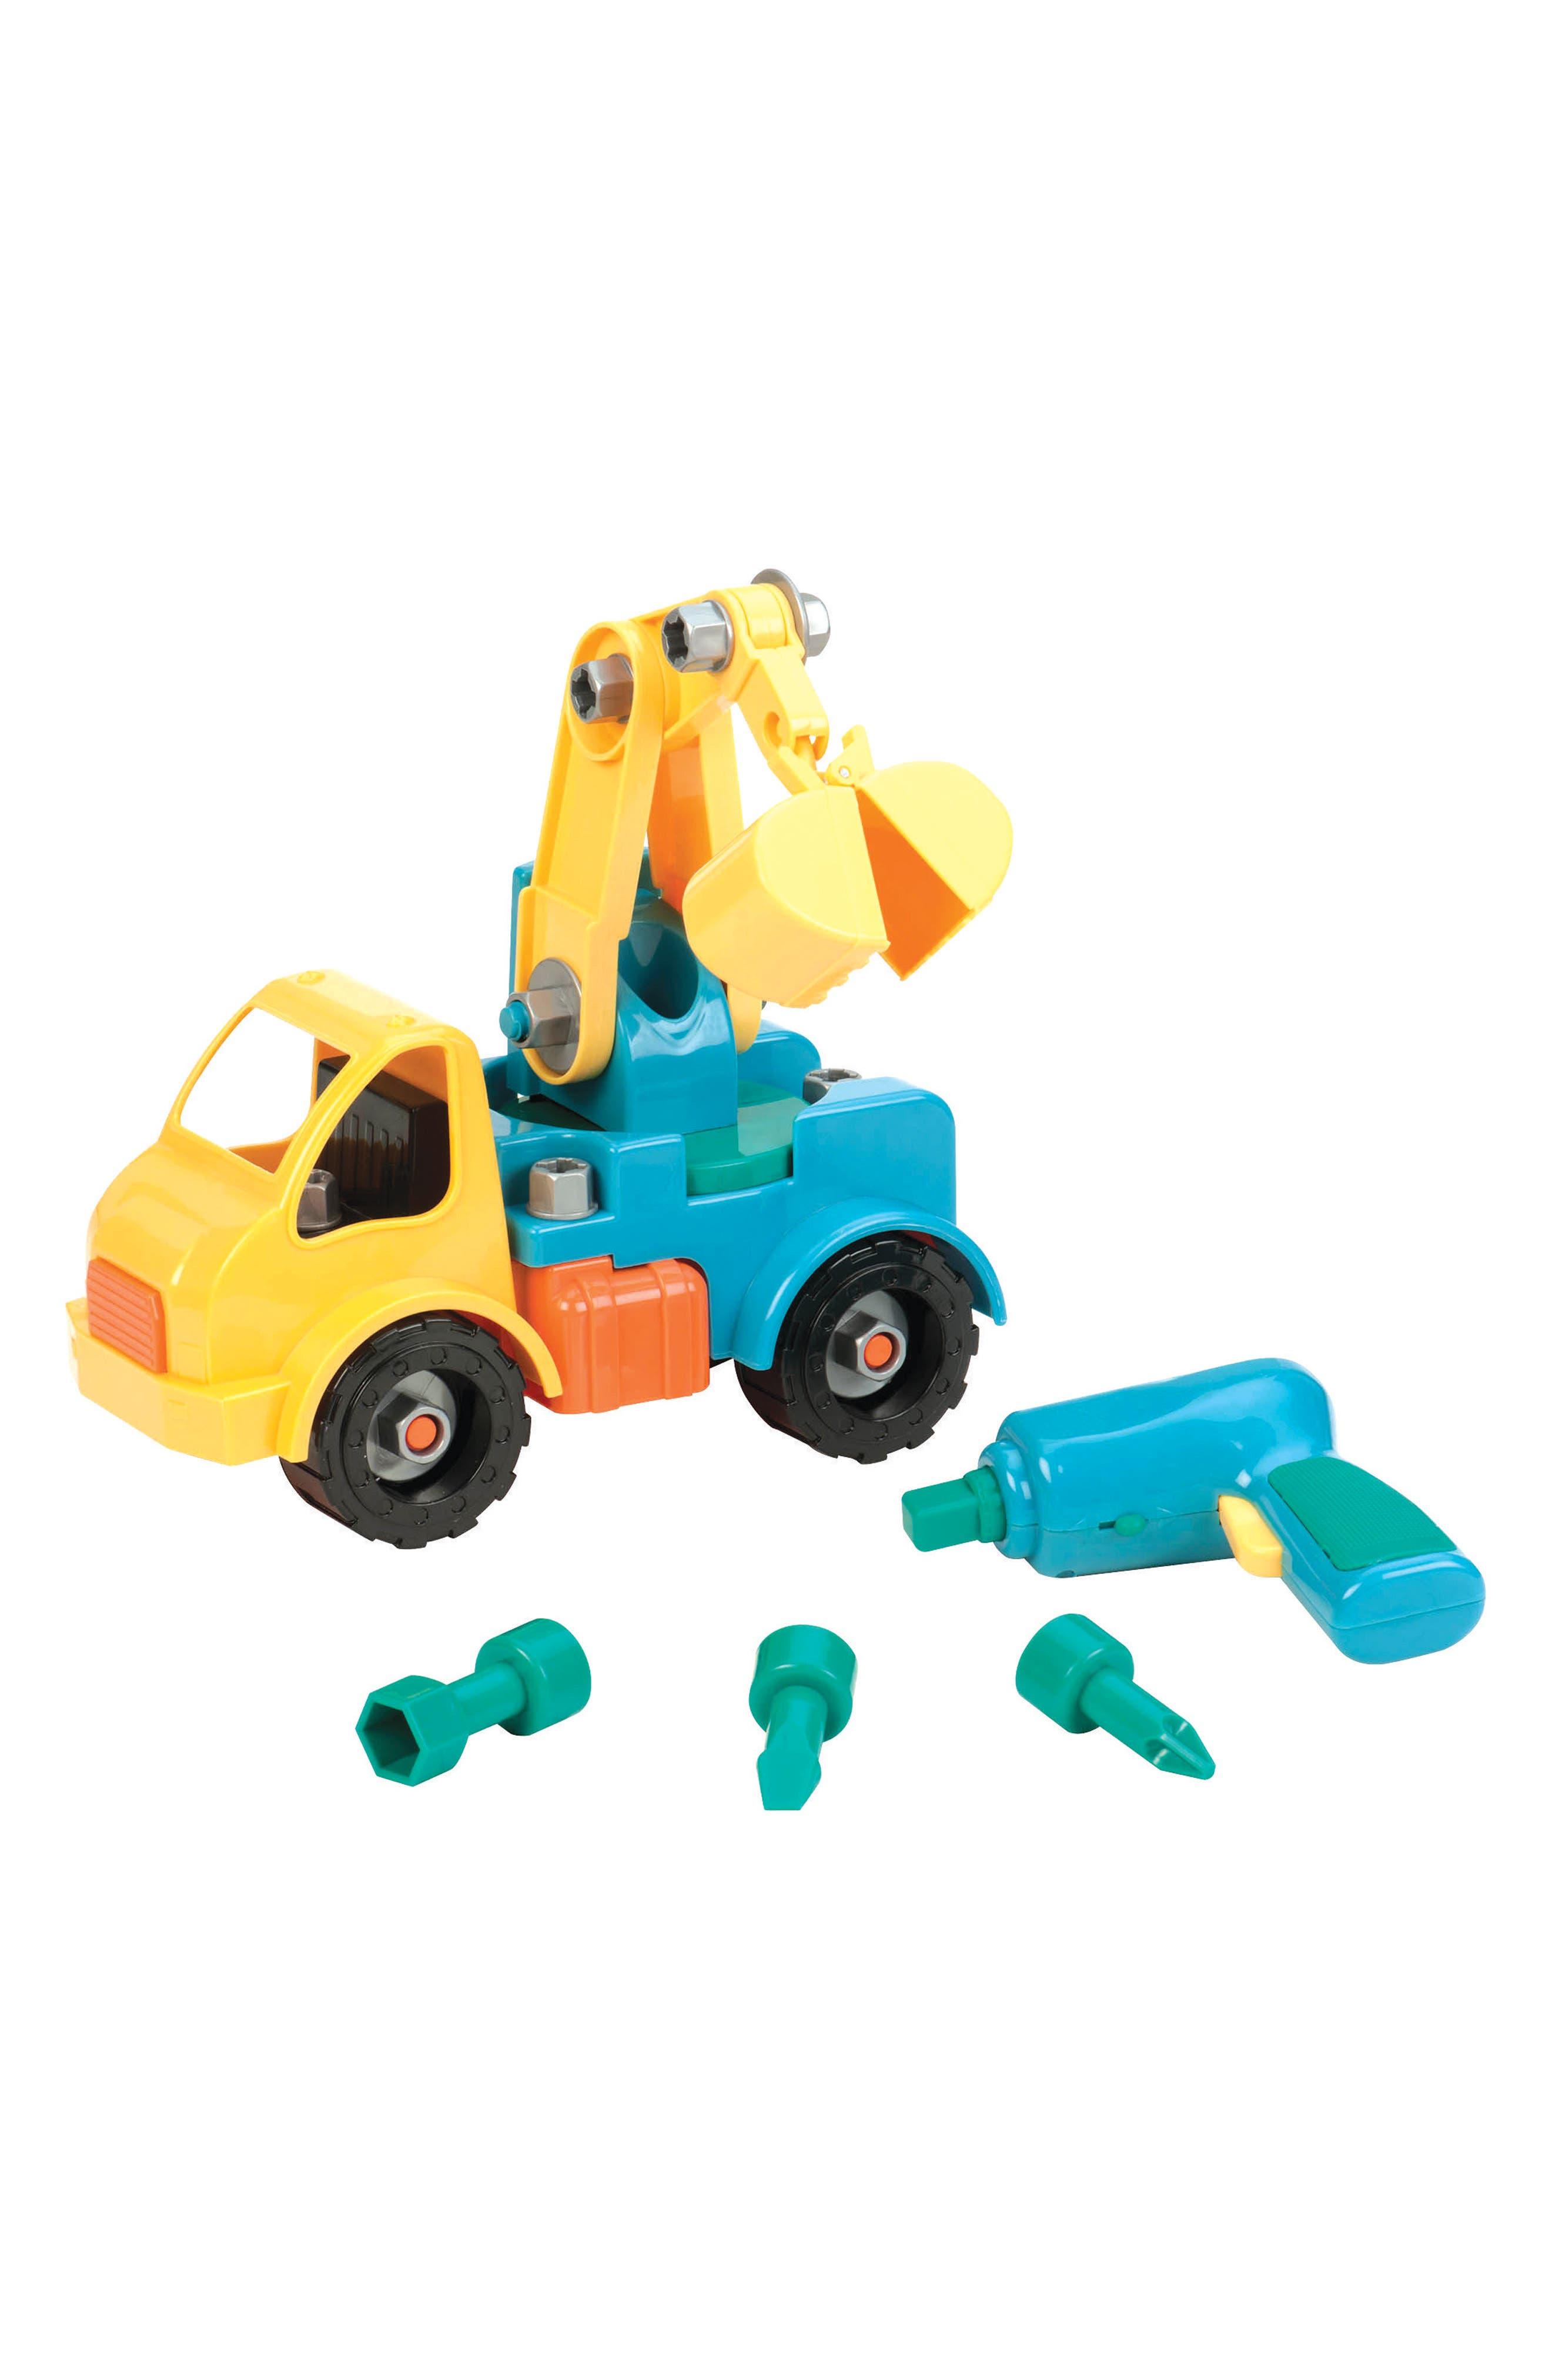 Battat Take-Apart Crane Truck,                             Alternate thumbnail 2, color,                             Multi